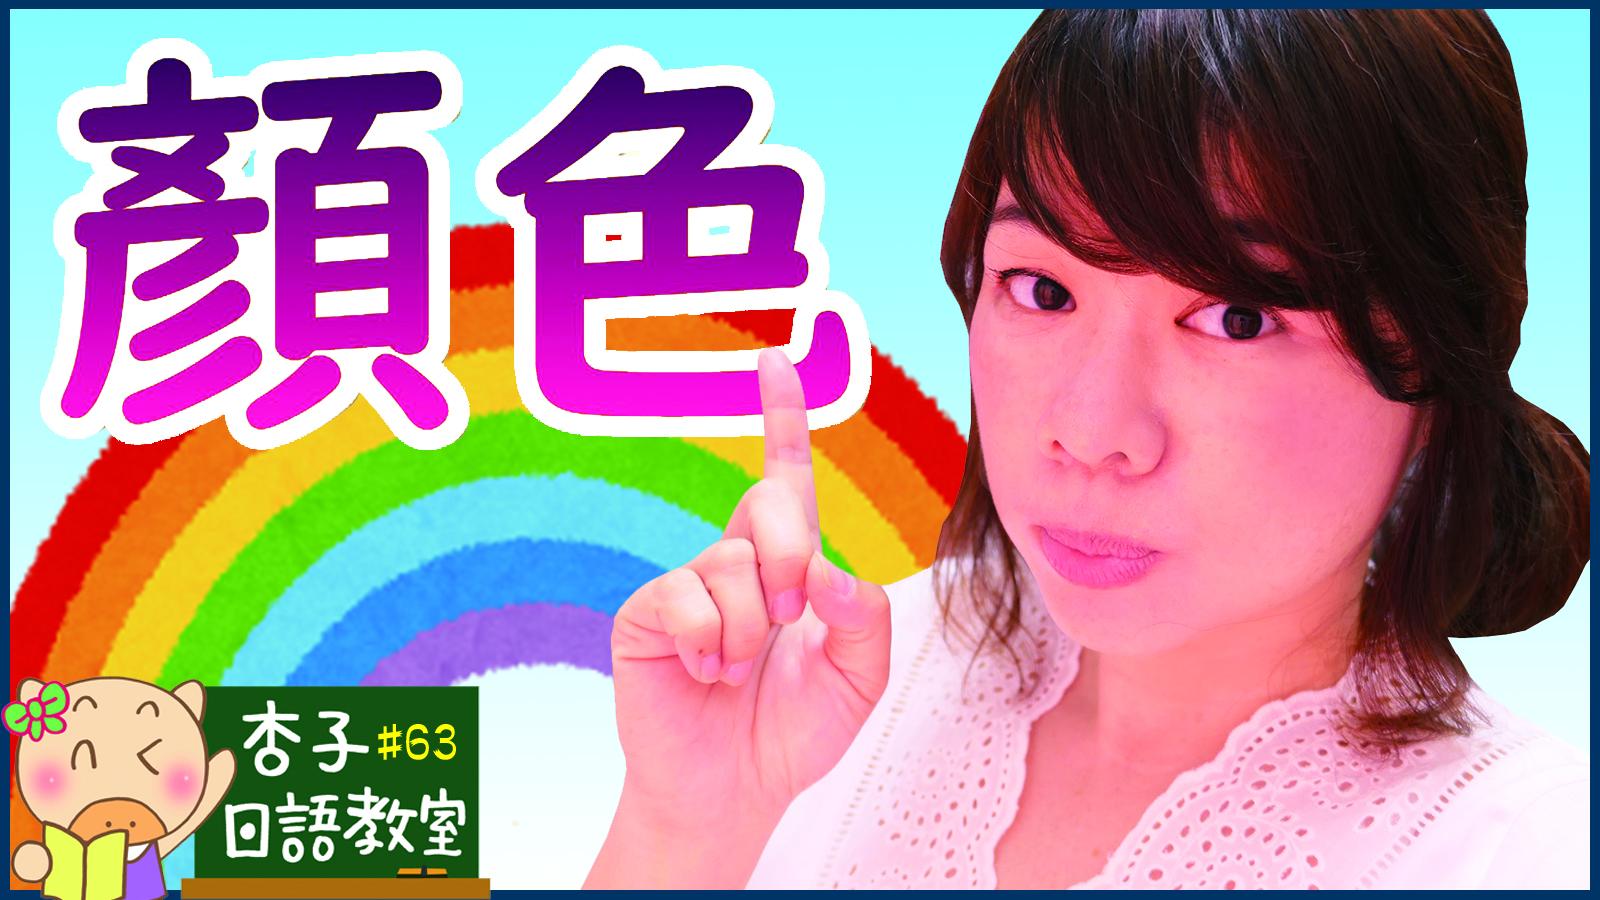 彩虹色 & 顏色的日文單字 | 紅橙黃綠藍靛紫 | <杏子日語教室>63